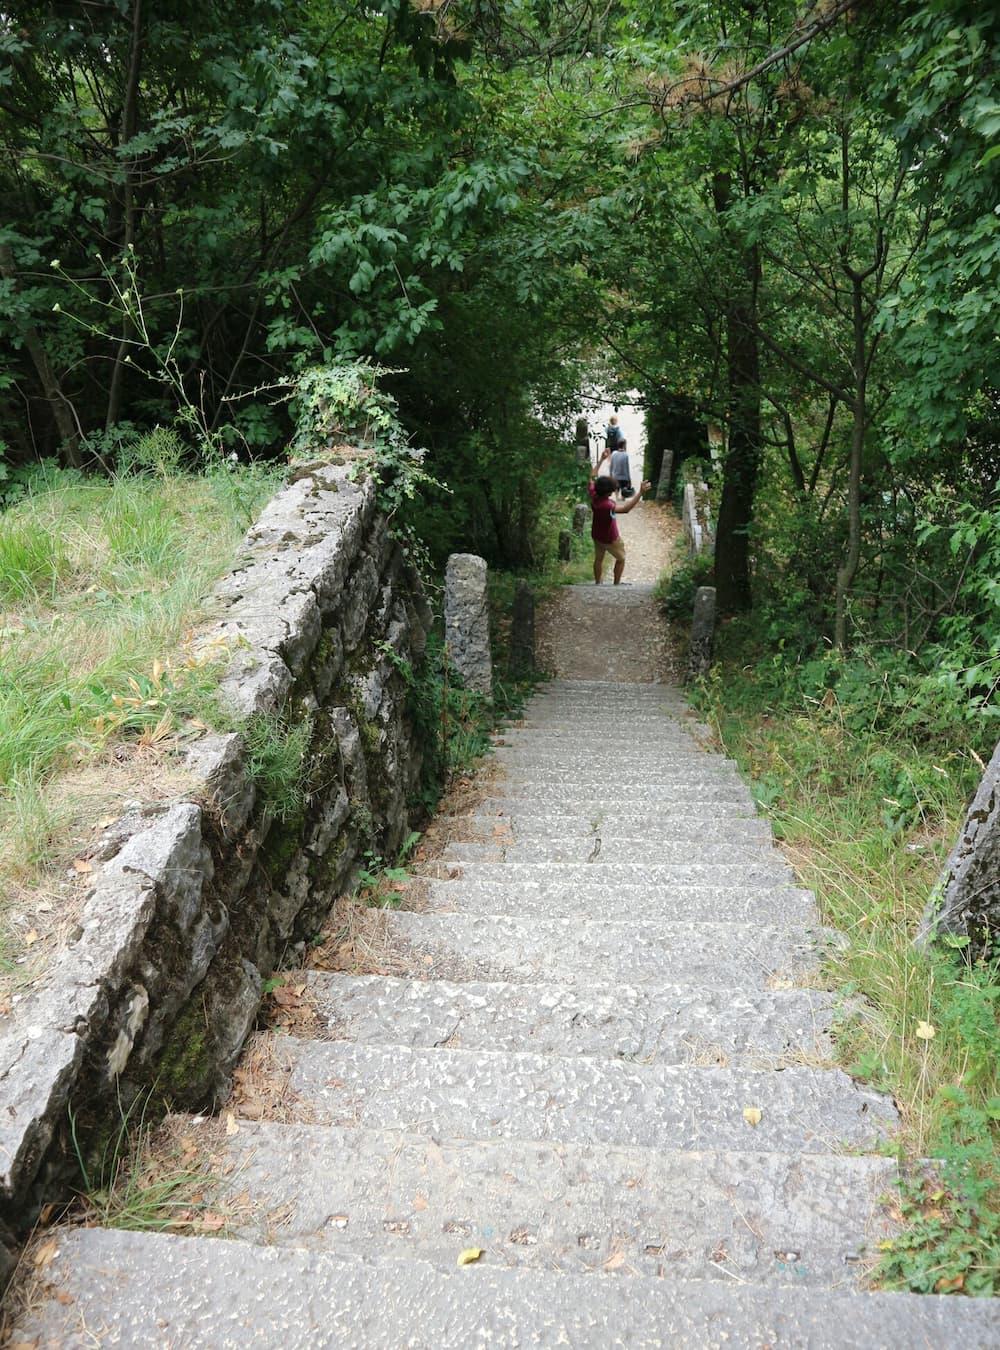 駐車場から教会へはこんな細くて急な階段や急な下り坂が続く